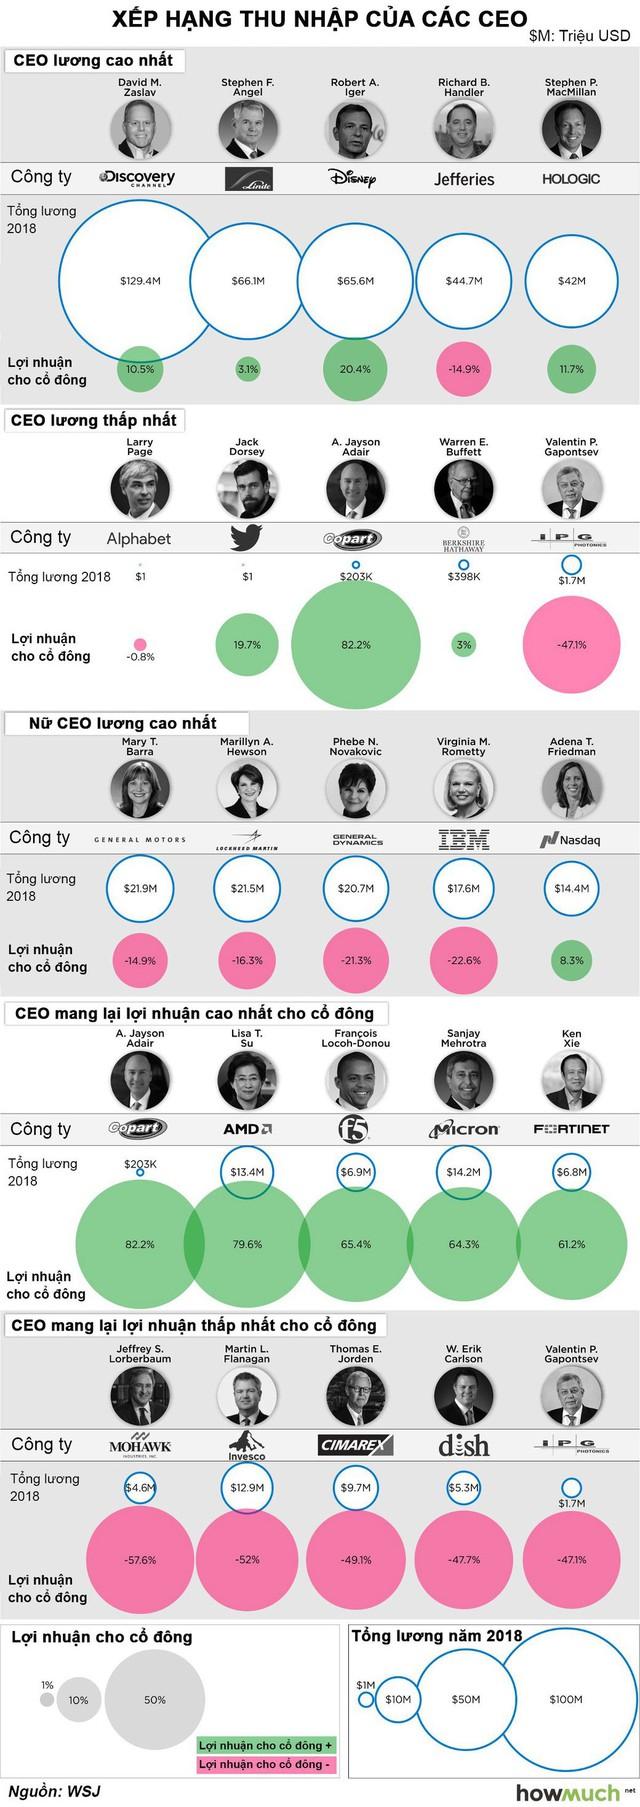 CEO của những doanh nghiệp trong S&P 500 được trả lương bổng như thế nào? - Ảnh 1.